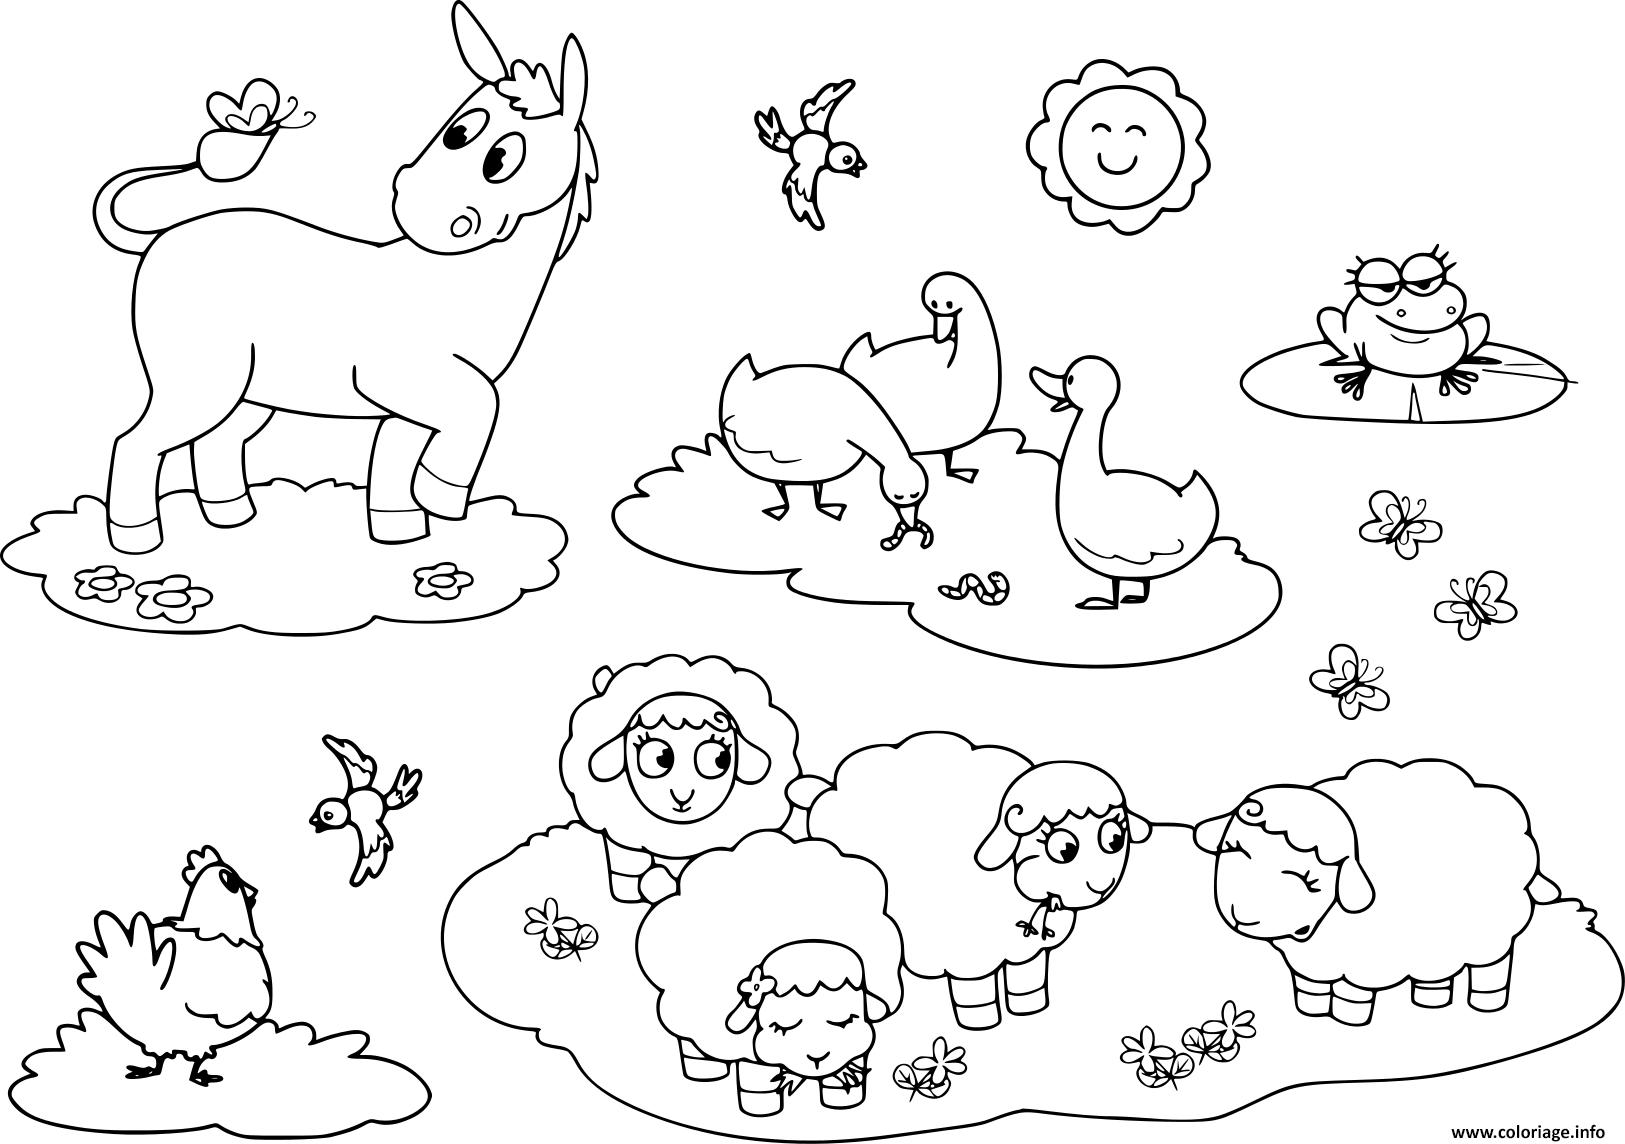 Coloriage Animaux De La Ferme Pour Enfants Ane Oie Poule tout Animaux De La Ferme A Imprimer